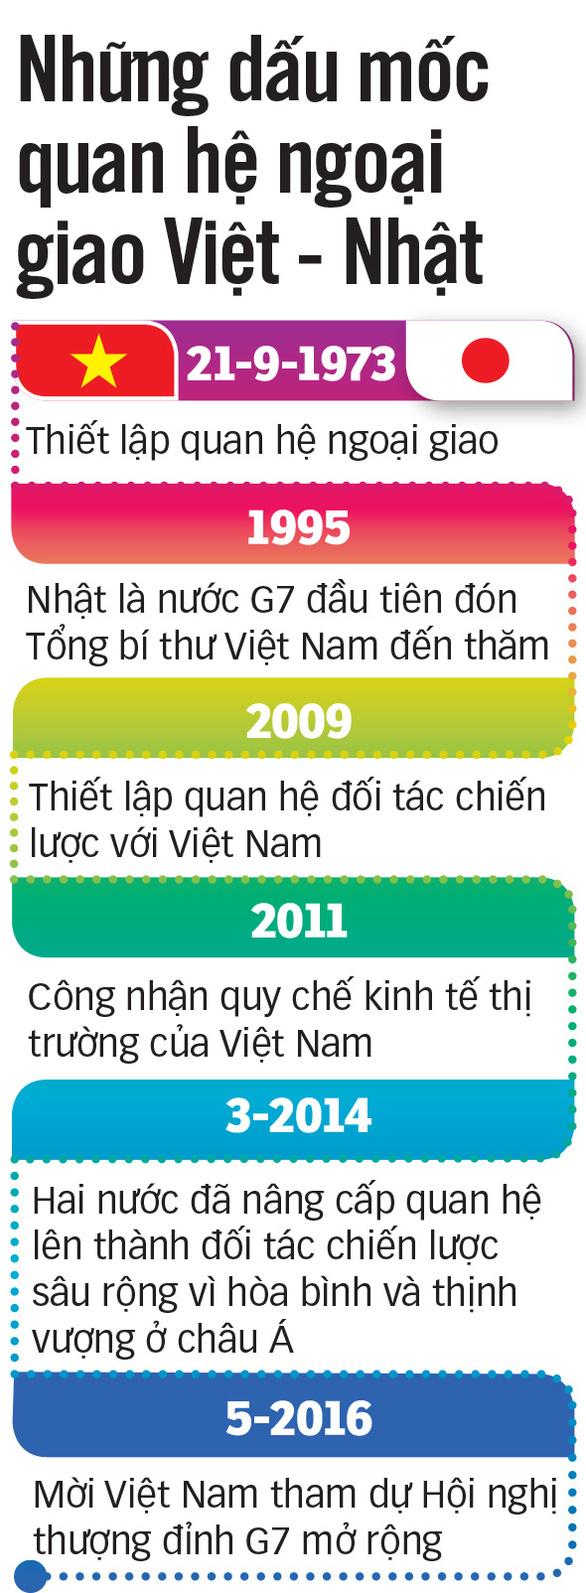 Thủ tướng Nhật Bản thăm chính thức Việt Nam: Bạn bè và chiến lược - Ảnh 3.